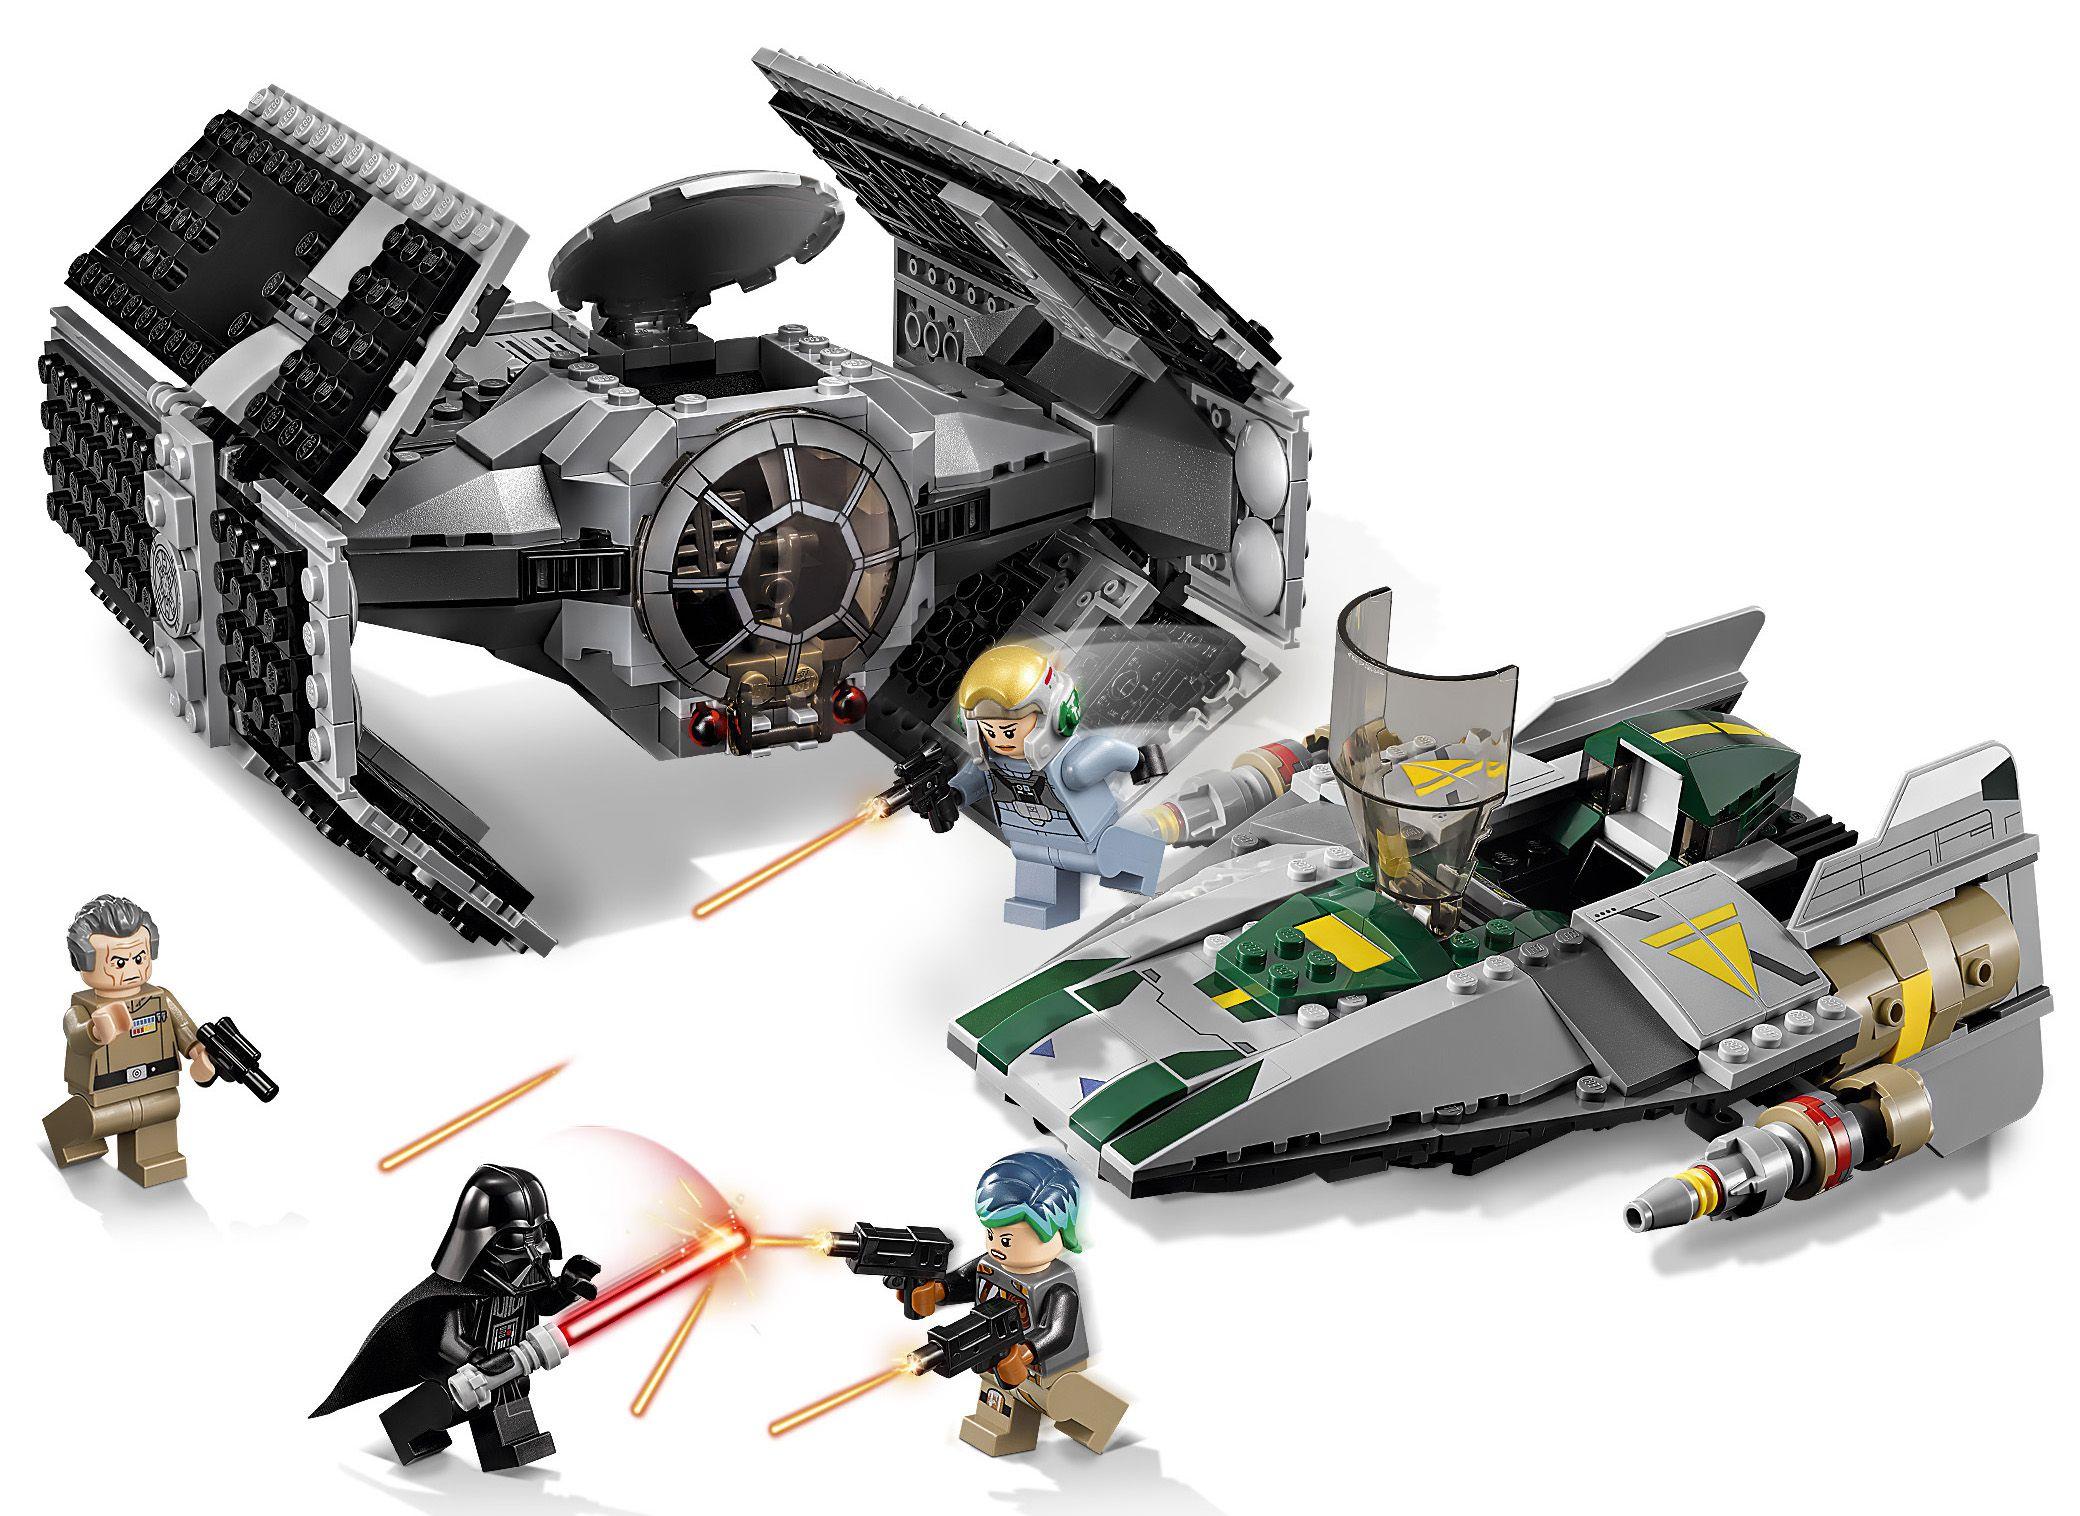 Lego star wars 75150 le tie advanced de dark vador - Lego star wars avec dark vador ...